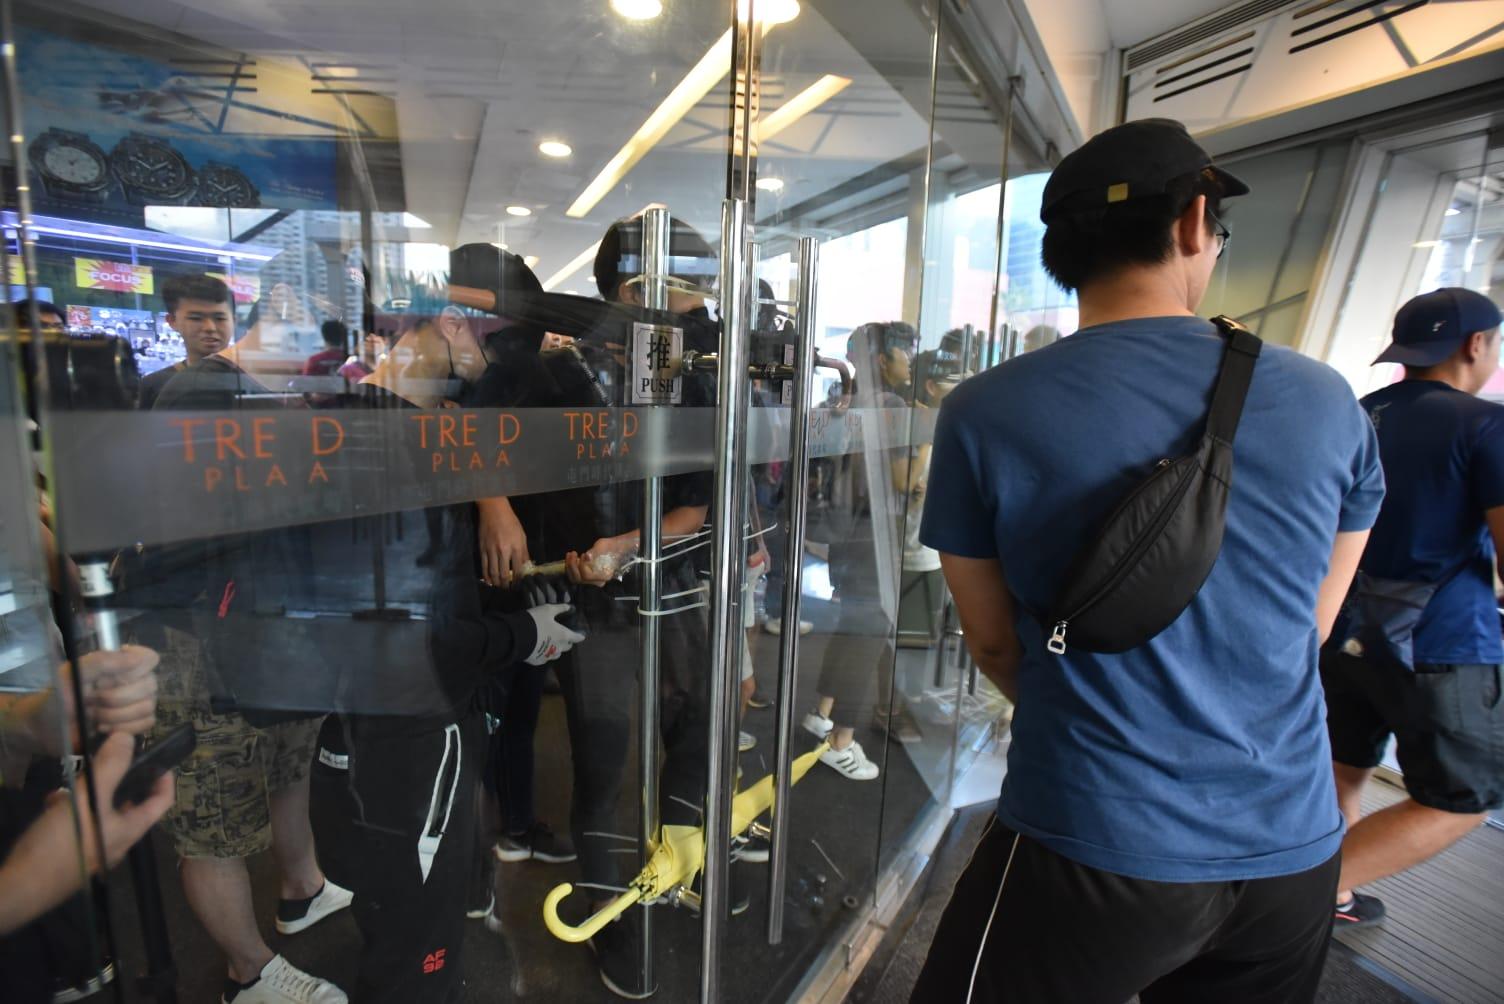 【修例风波】警斥示威者堵塞屯门商场出入口为不负责行为 吁保持冷静